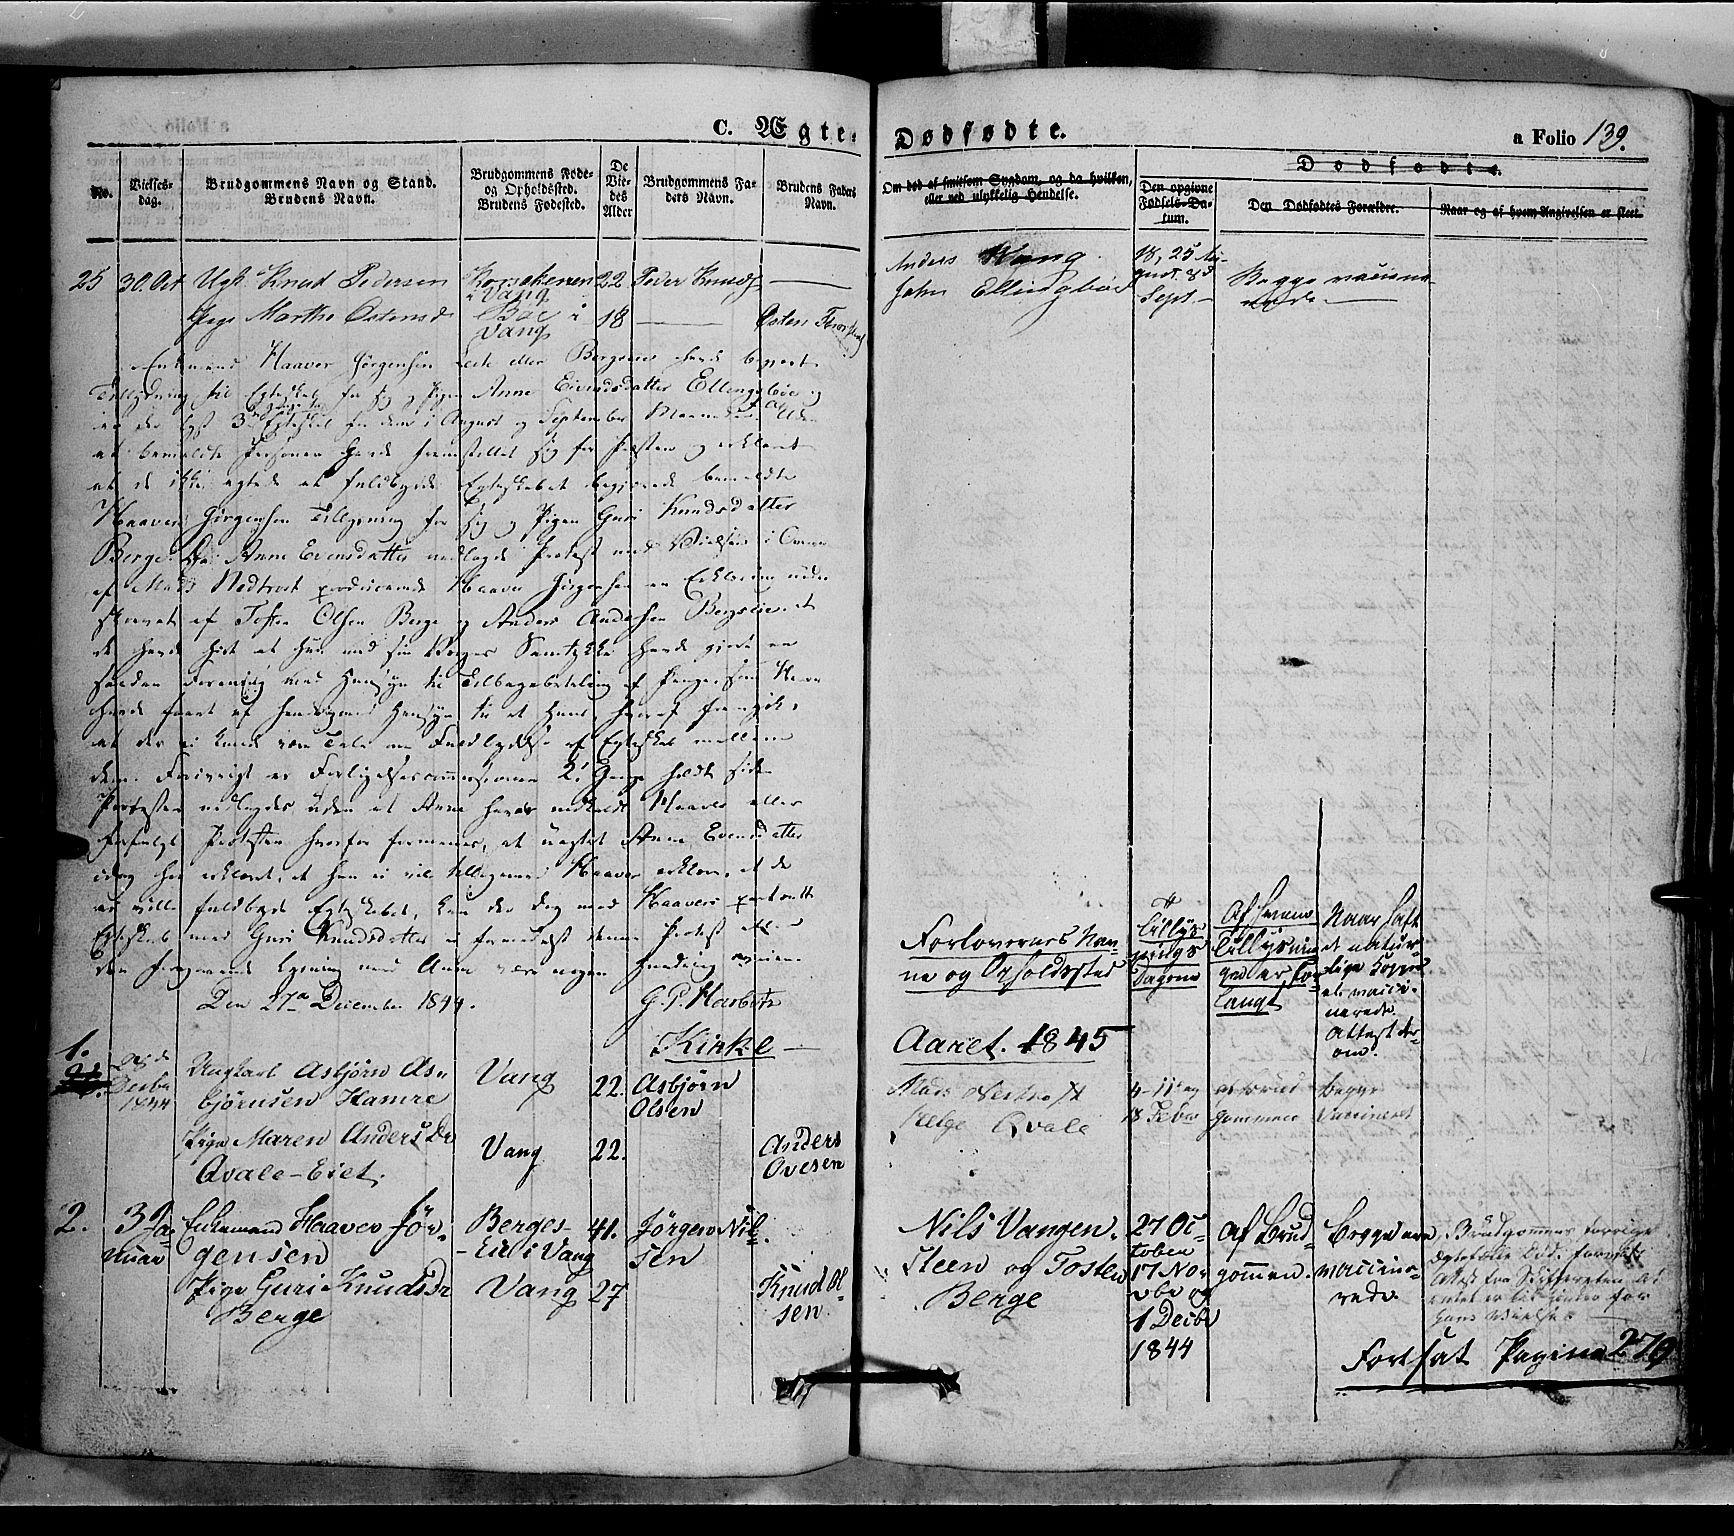 SAH, Vang prestekontor, Valdres, Ministerialbok nr. 5, 1831-1845, s. 139